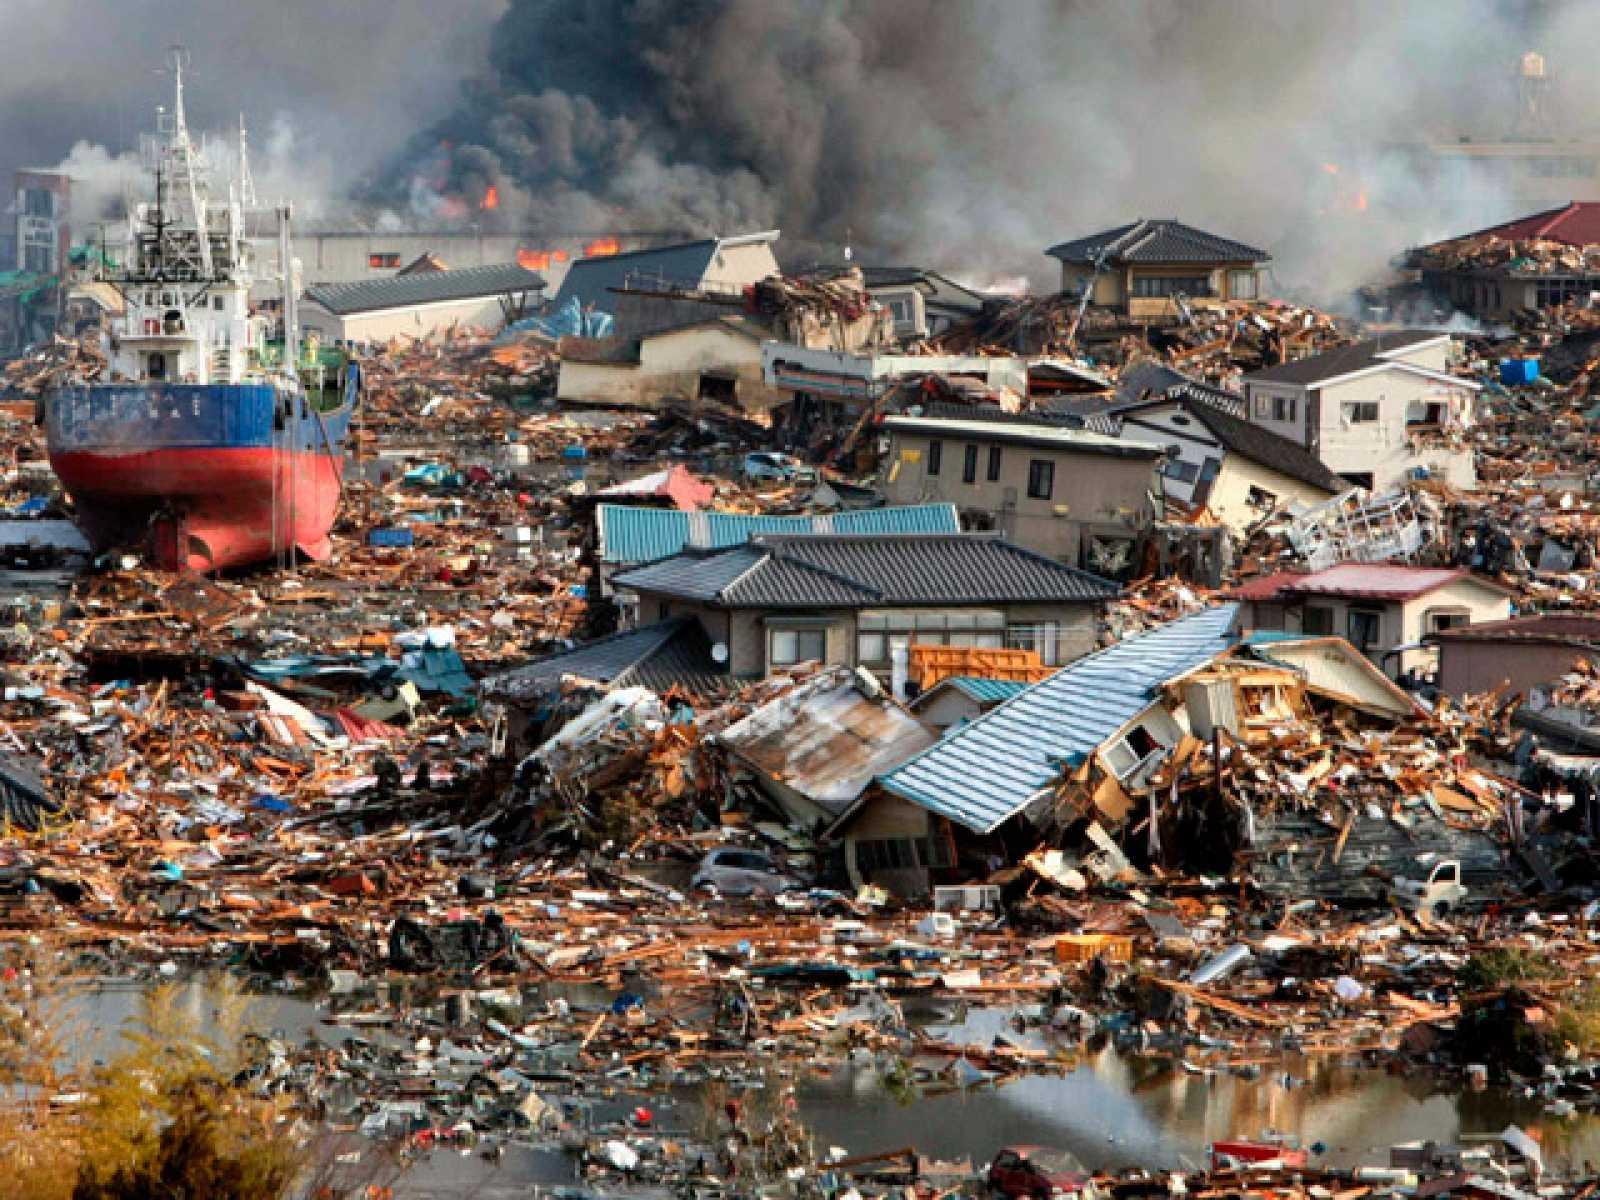 Cientos De Personas Han Muerto En Japon Tras Un Devastador Terremoto De Magnitud   Reproducir Video